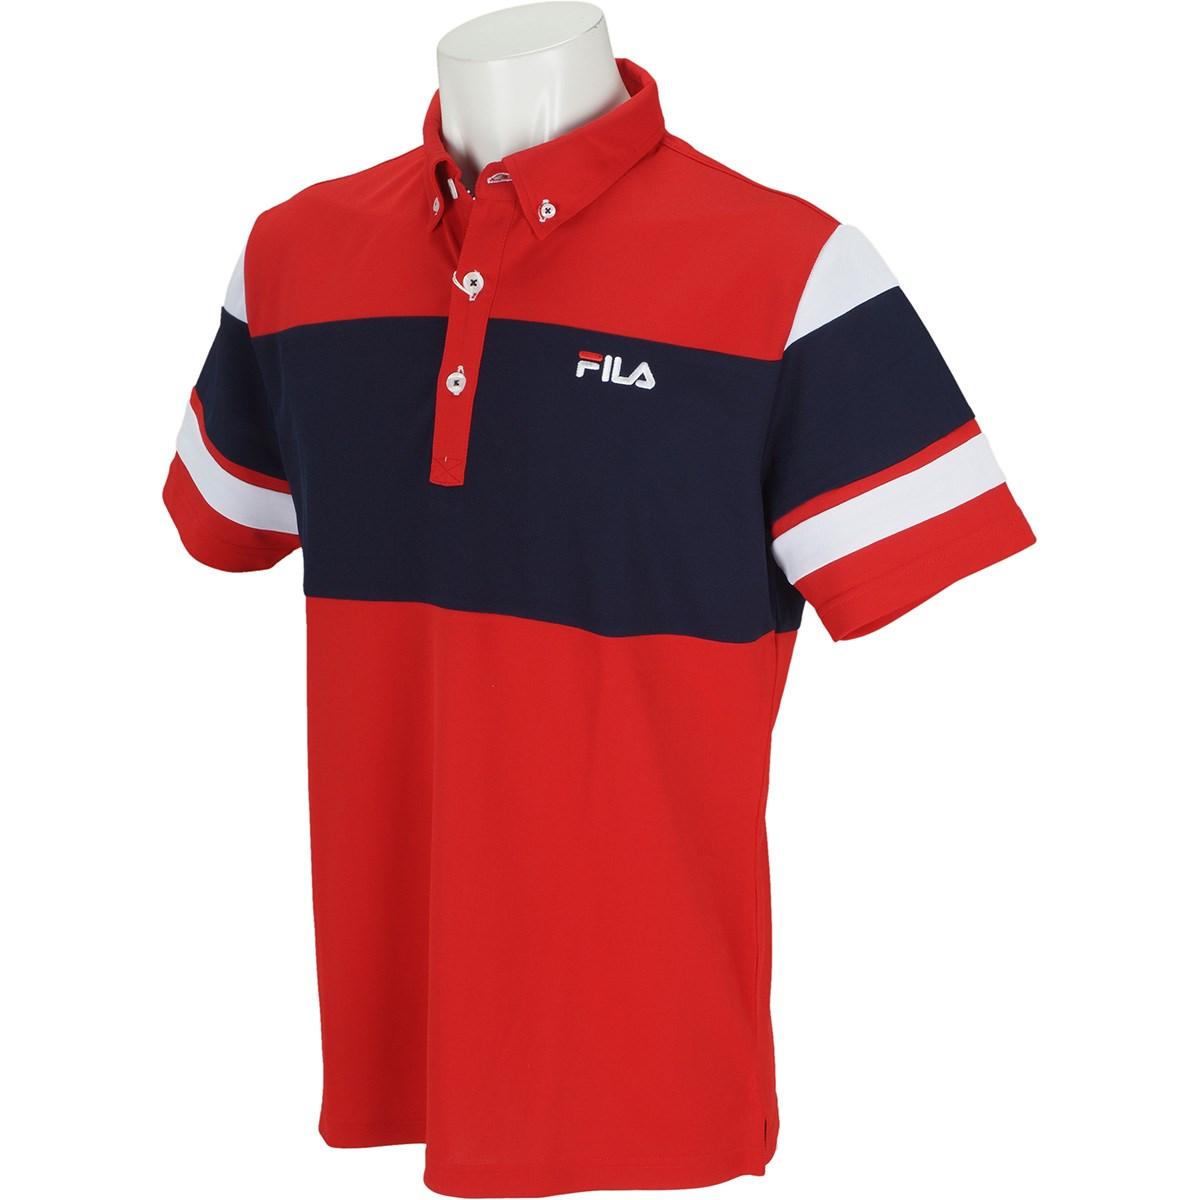 フィラ FILA 半袖ボタンダウンポロシャツ L レッド